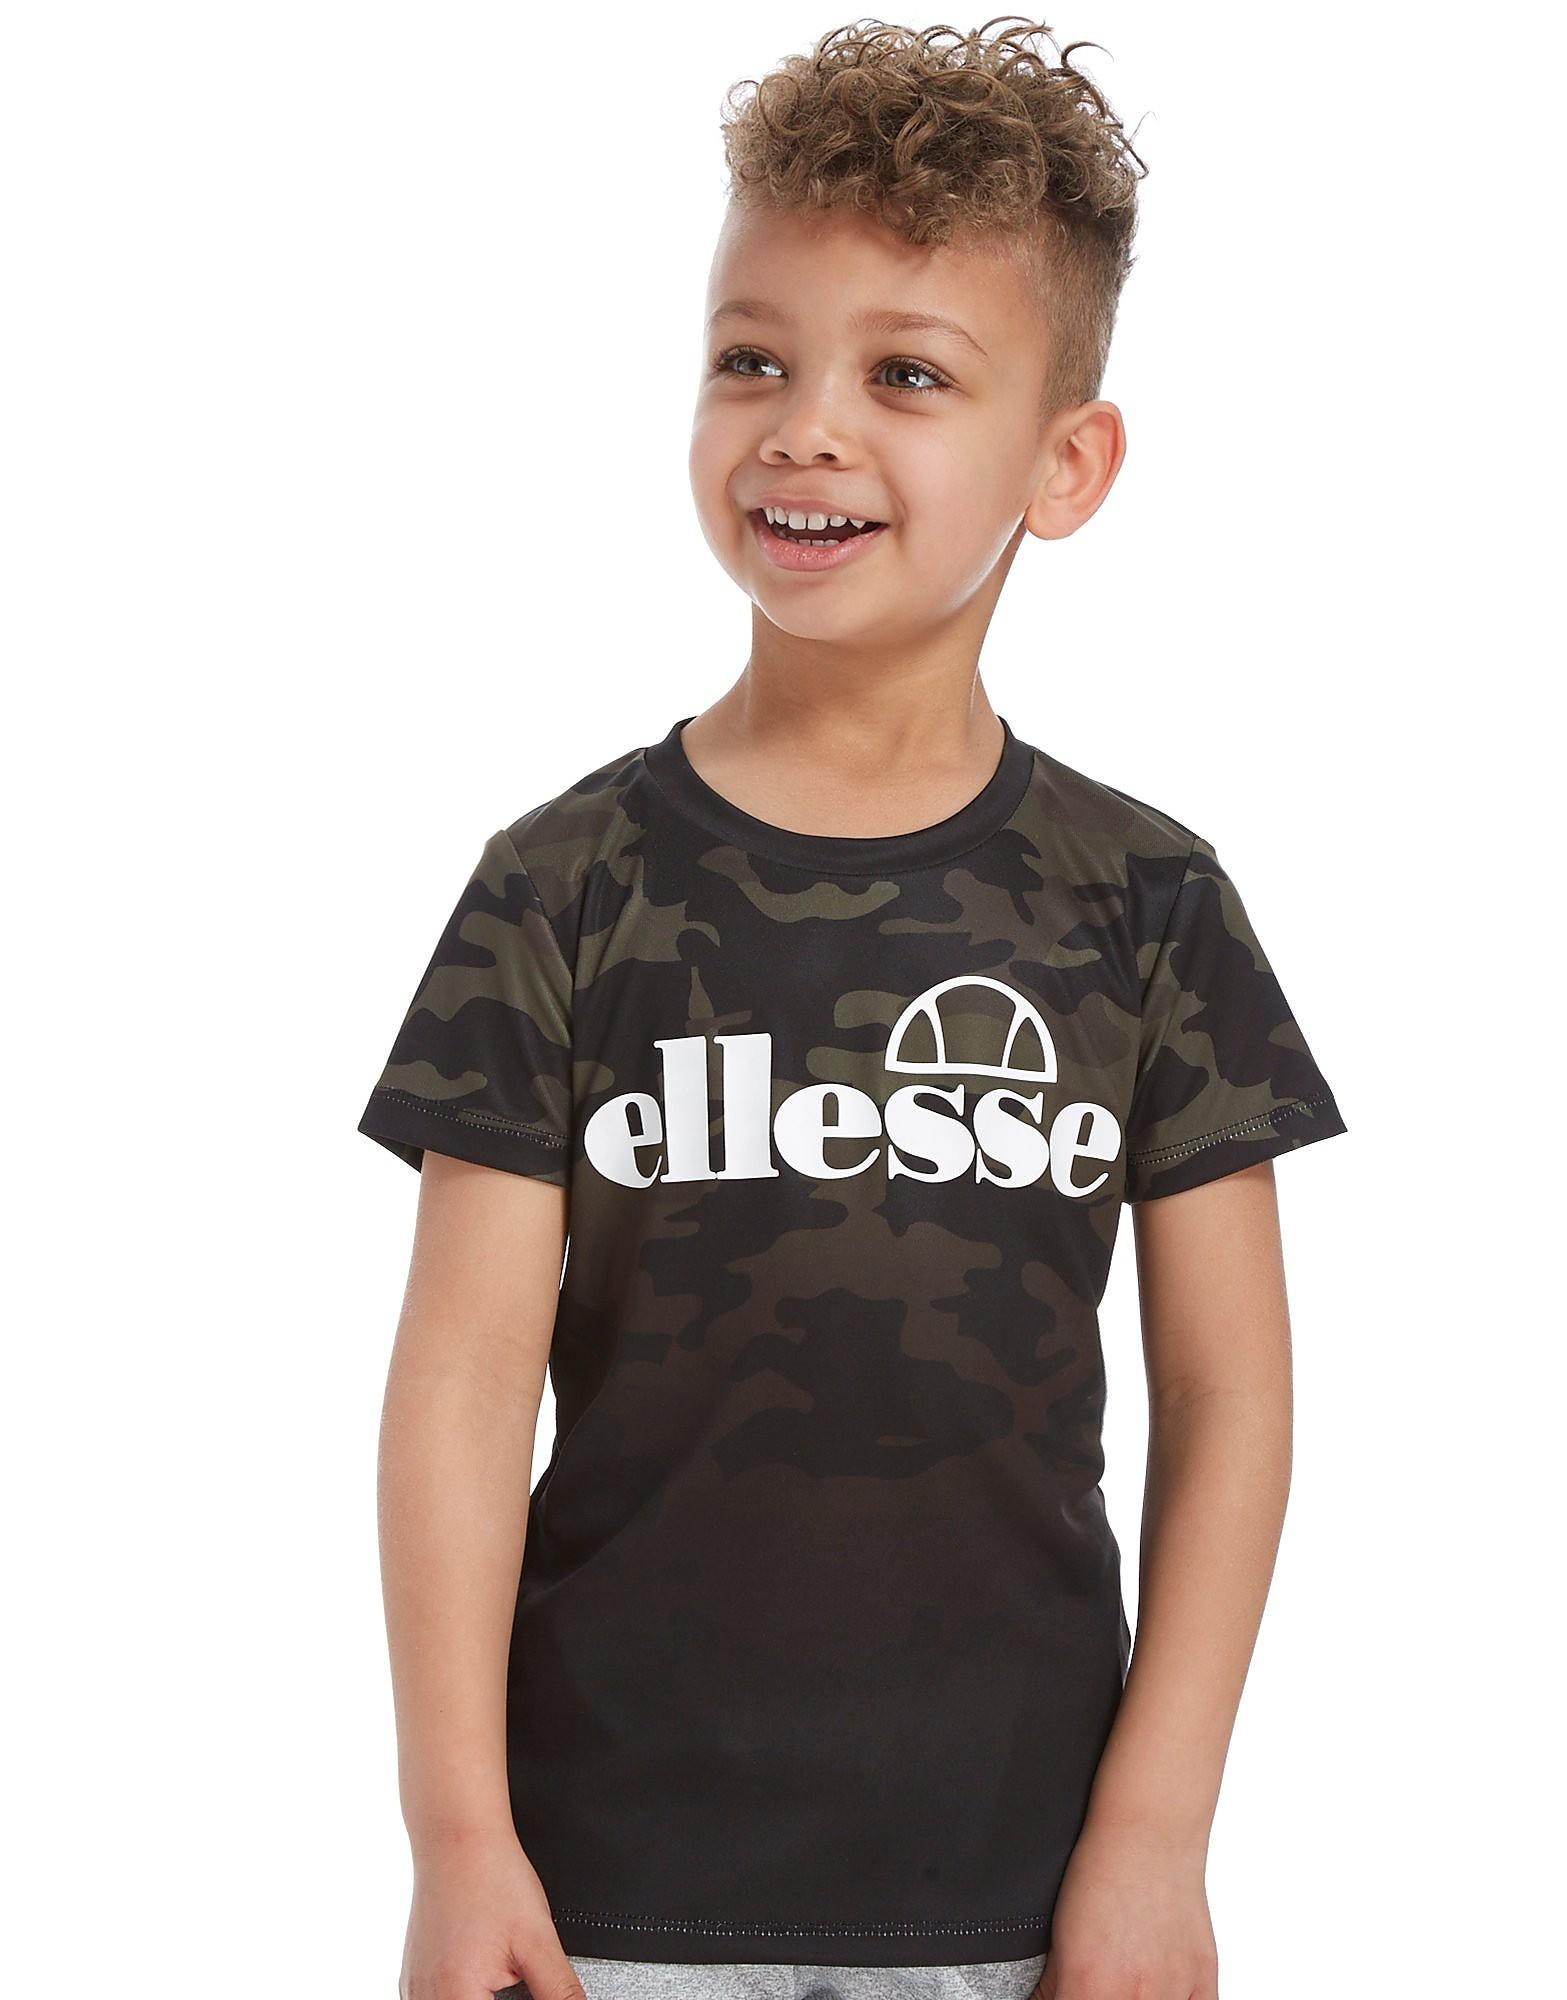 Ellesse Bergio Camo T-Shirt Children